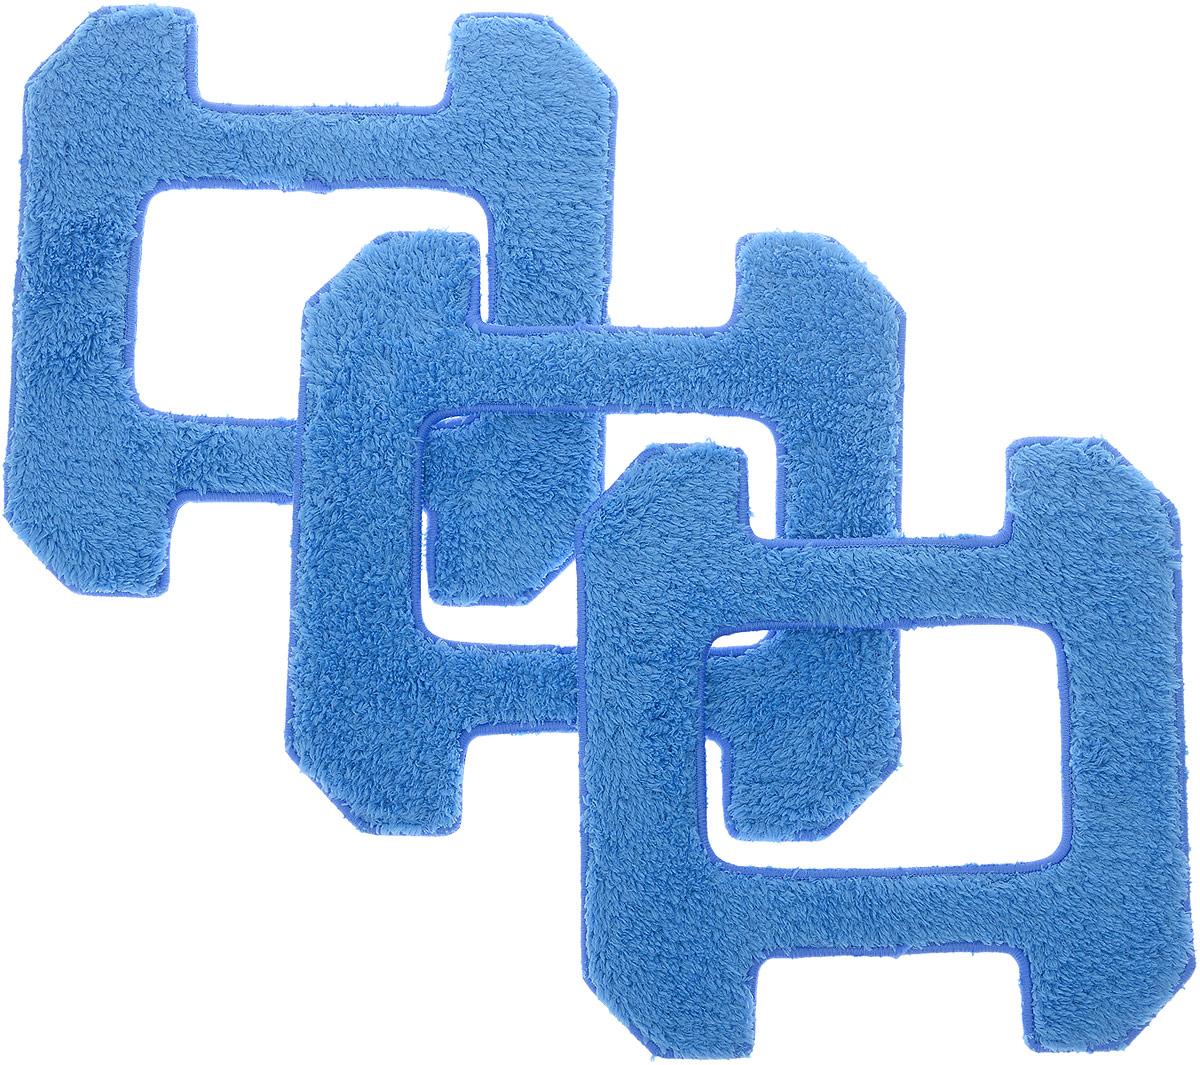 Hobot 268, Blue чистящие салфетки для сухой уборки, 3 штHB 268A01Комплект запасных салфеток из микрофибры (3 штуки) для сухой уборки для Hobot 268. Салфетки из микрофибры очищают поверхность, впитывают чистящий раствор для качественной очистки окон и зеркал и эффективно убирают грязь в порах. Отлично очищают поверхность даже по краям.